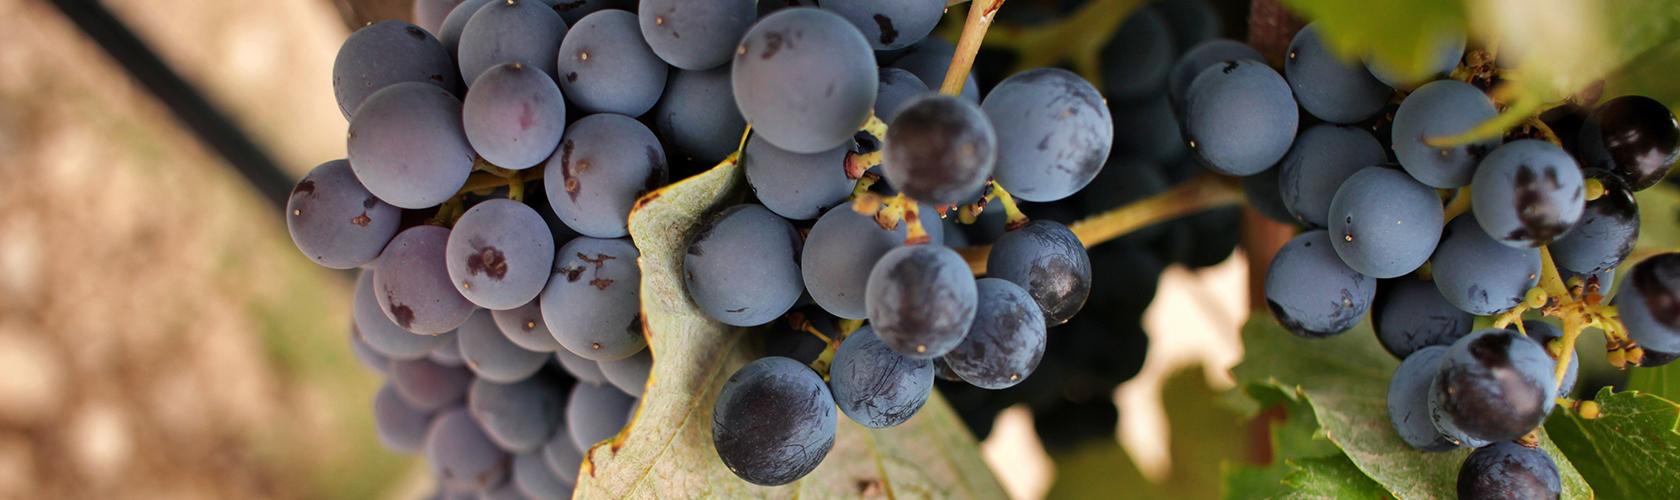 Conheça as principais uvas e suas diferenças